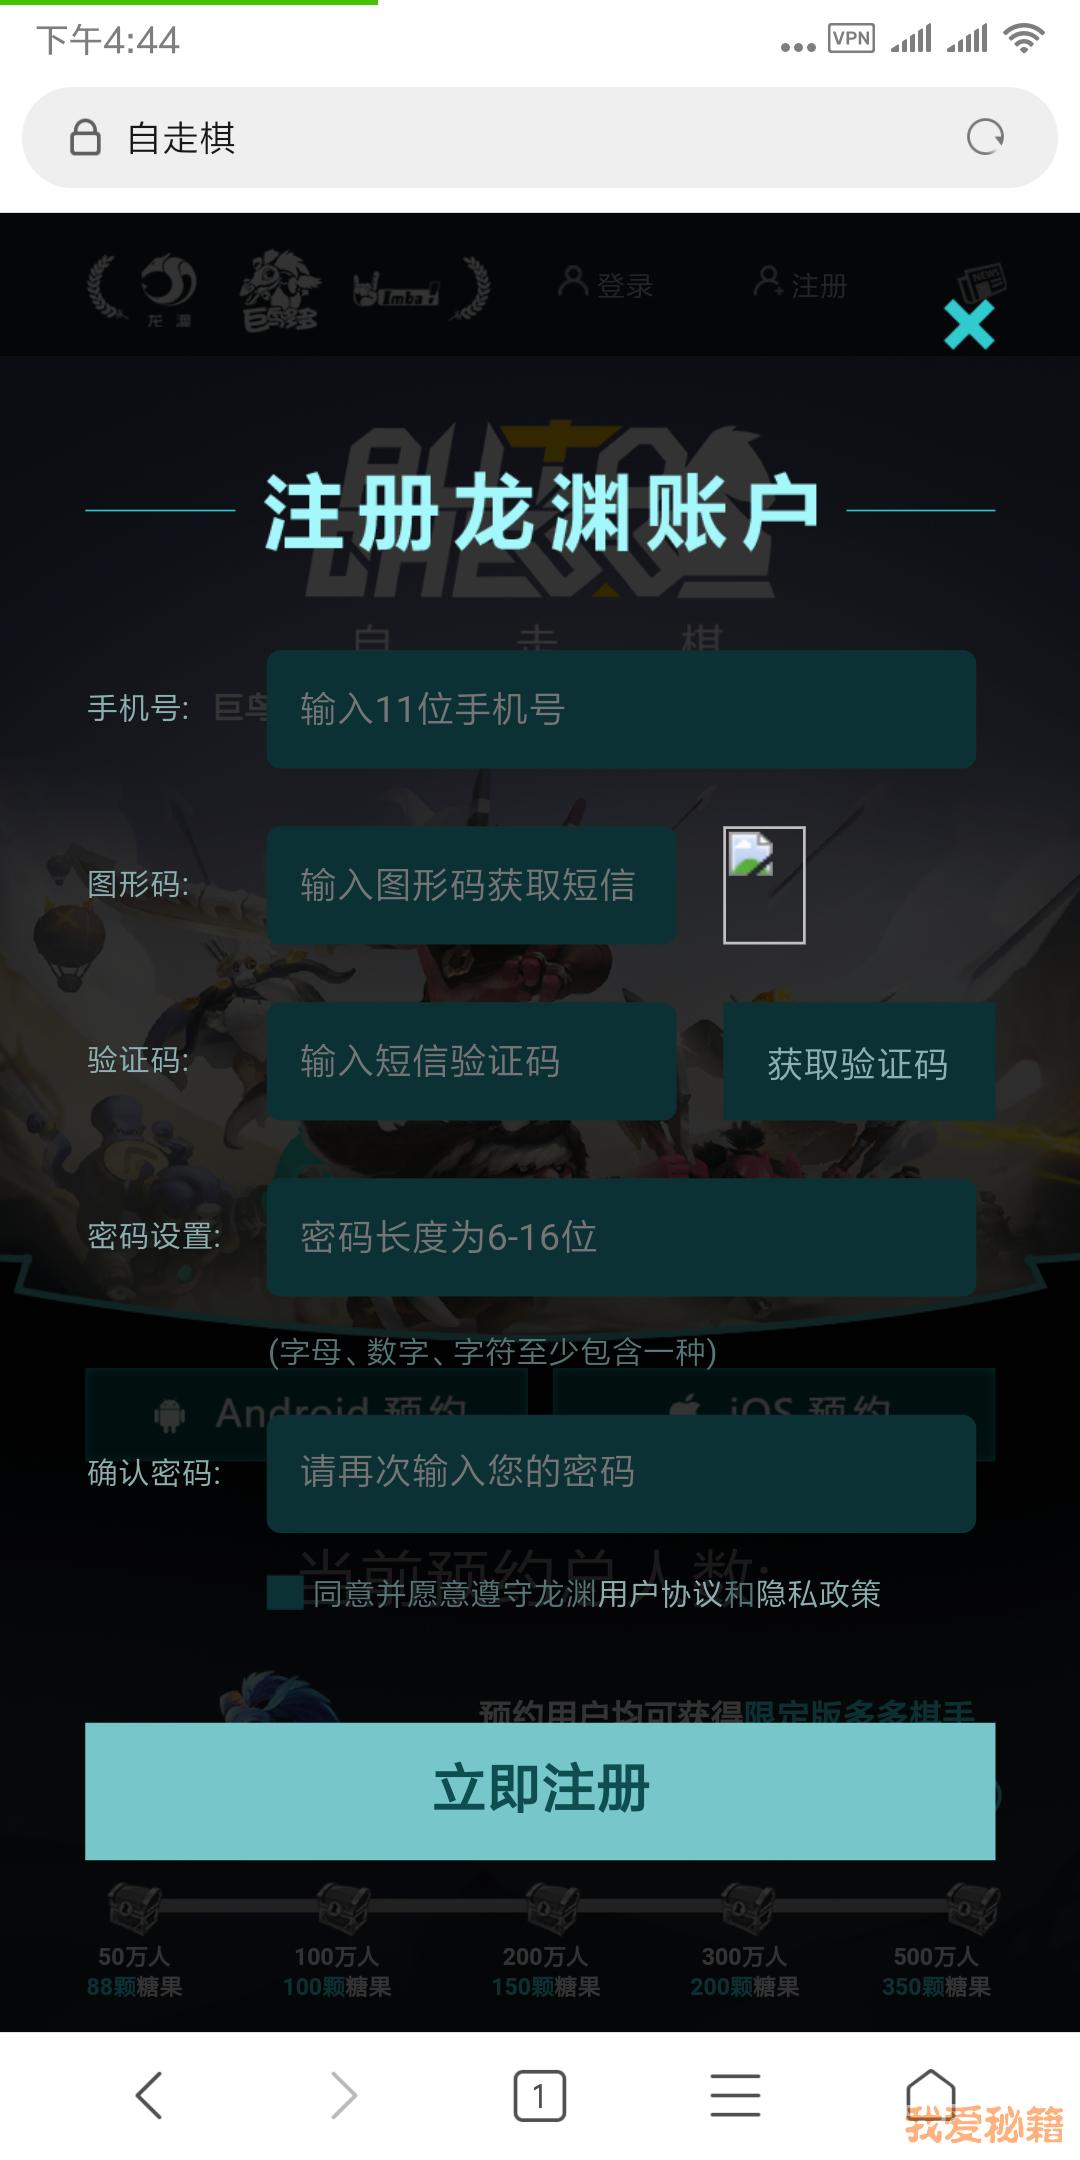 自走棋手游注册龙渊账号图形码无法显示怎么办?